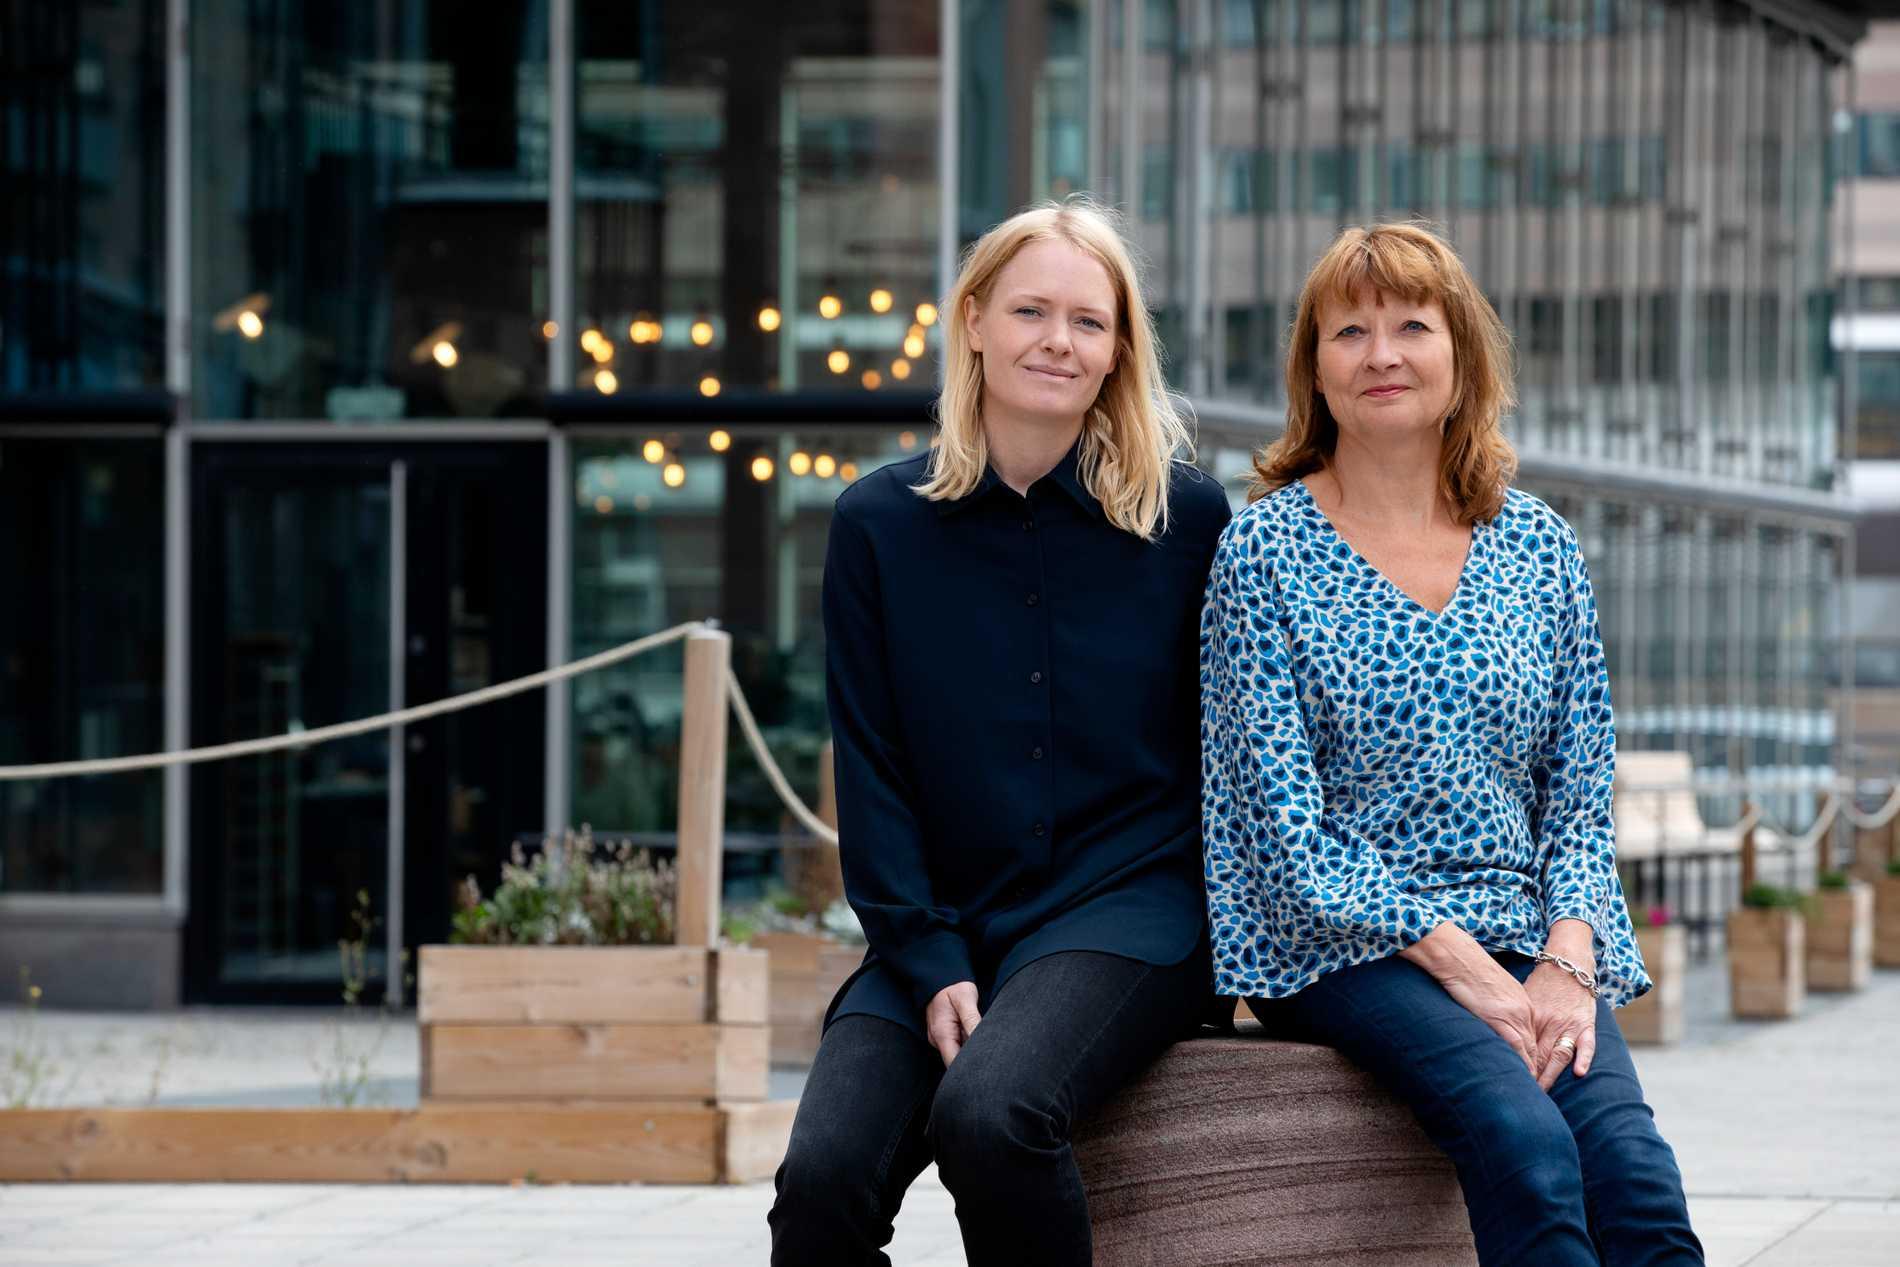 """Tio års arbete med att kartlägga mord på kvinnor har förändrat både Kerstin Weigl och Kristina Edblom. """"Jag har slutat läsa deckare"""", säger Kerstin. """"En del kontakter med anhöriga har pågått under så lång tid att de blivit en del av mig"""", säger Kristina."""